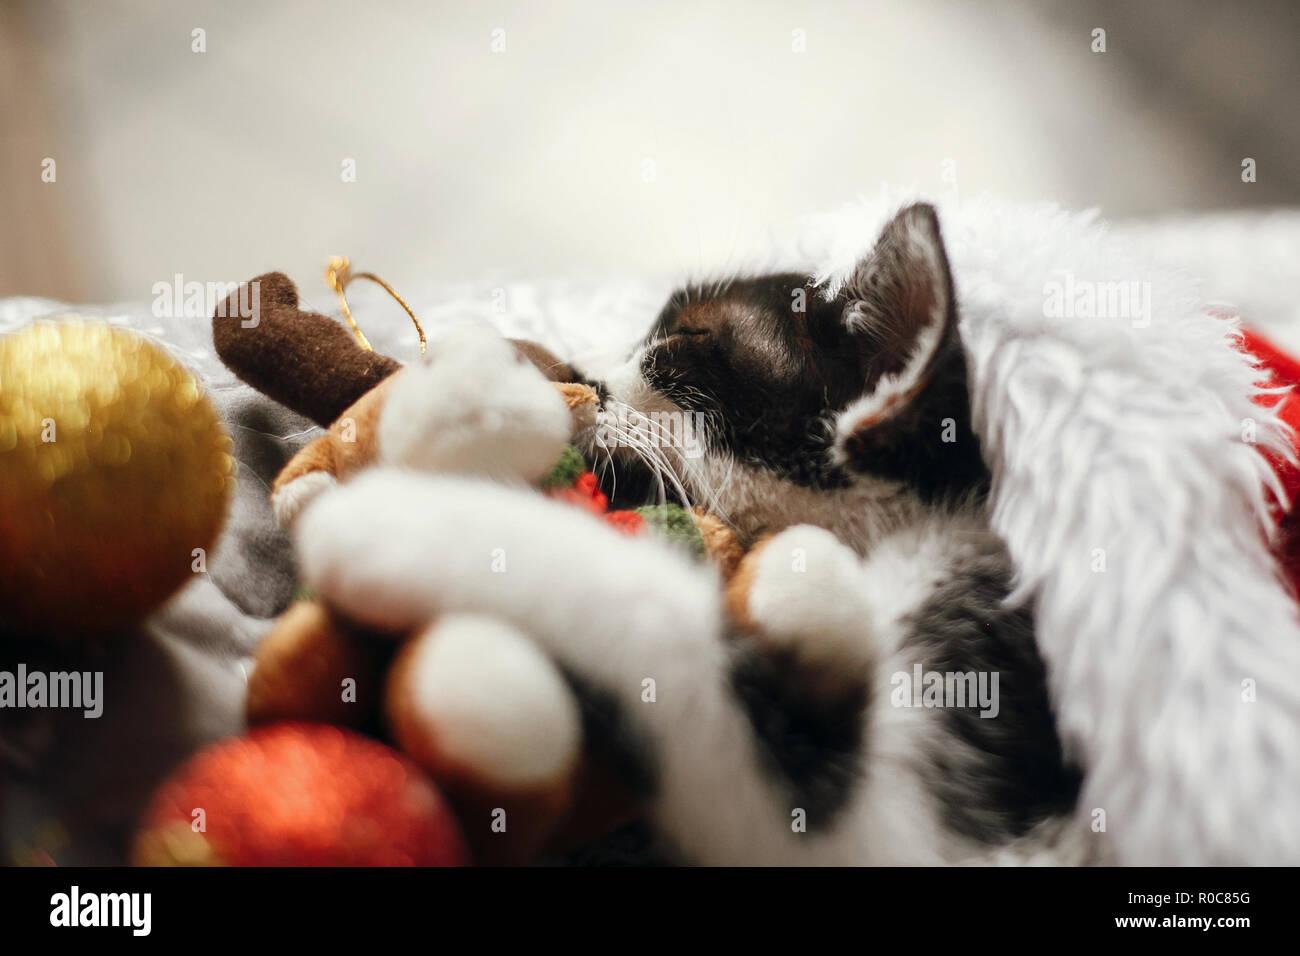 Cute kitty sleeping in santa hat sur lit avec boules de Noël rouge et or dans la salle des fêtes. Joyeux Noël concept. Adorable chaton sieste avec rei Photo Stock